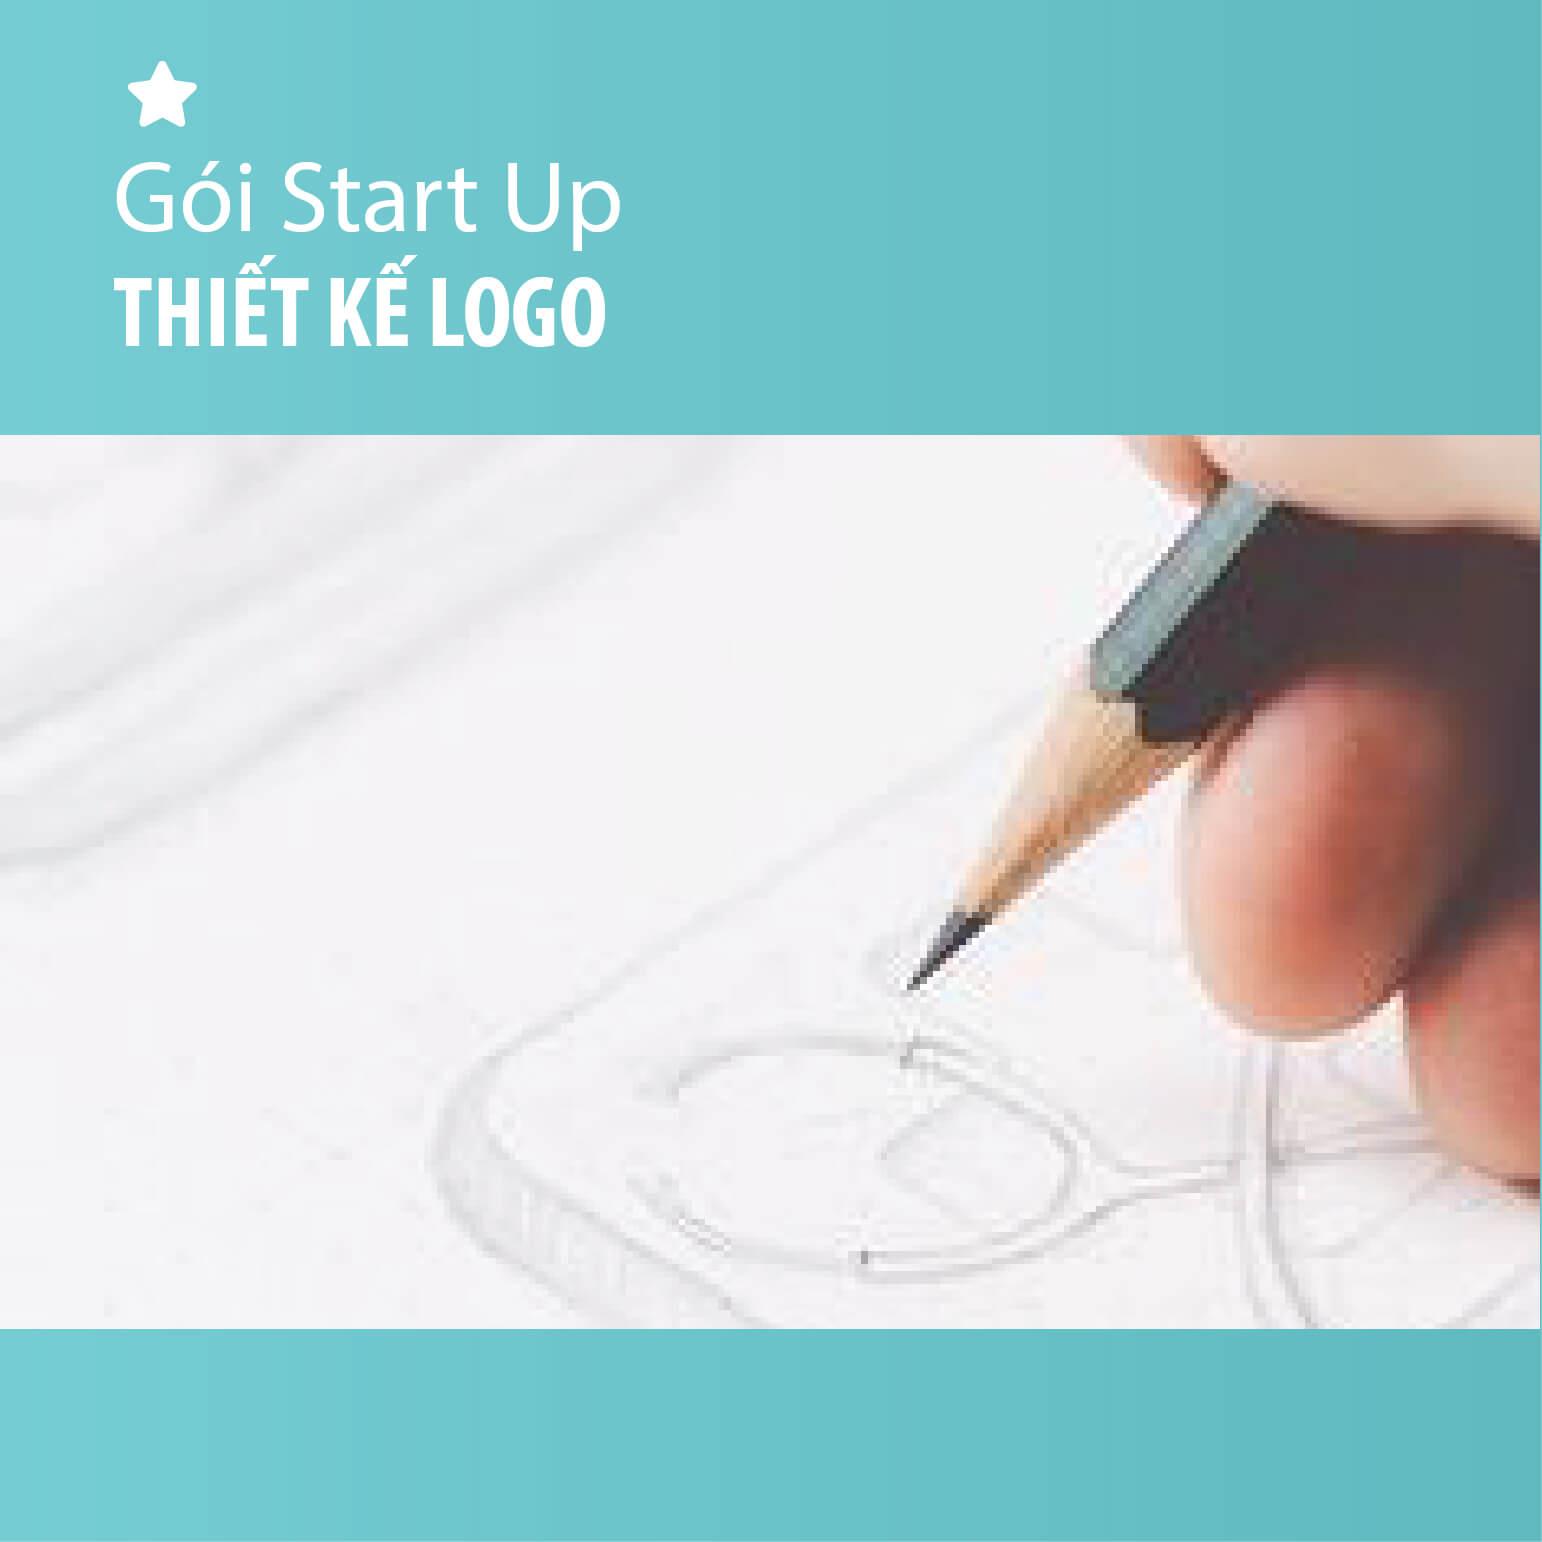 Thiết kế logo - Gói Start Up